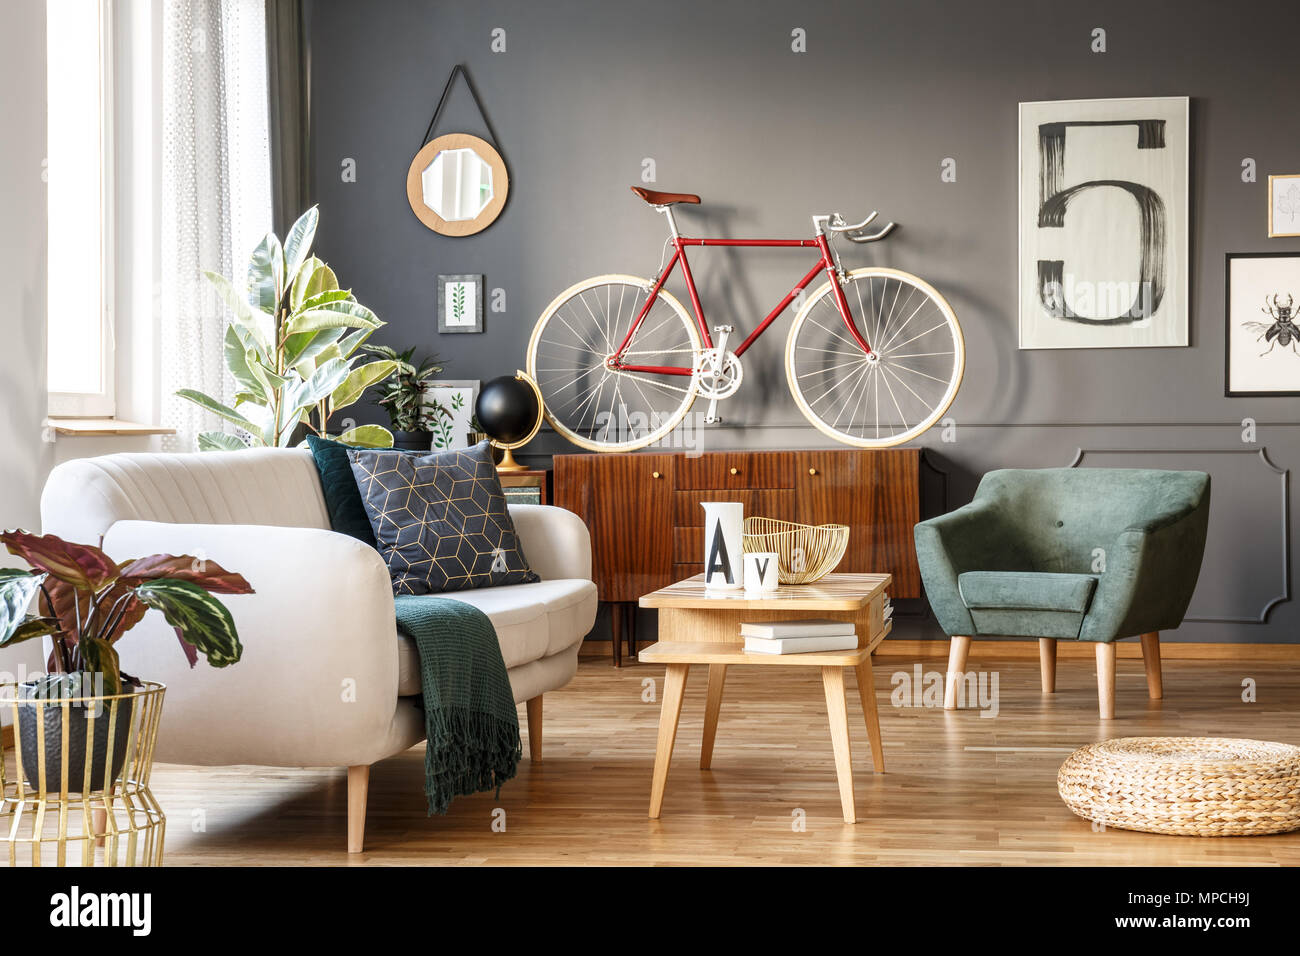 Vintage Einzigartige Wohnzimmer Einrichtung Mit Weißen Bequemes Sofa Mit  Kissen Und Decke, Grün, Sessel, Kleiderschrank, Kleiner Tisch, Rot Fahrrad  Und Ein ...